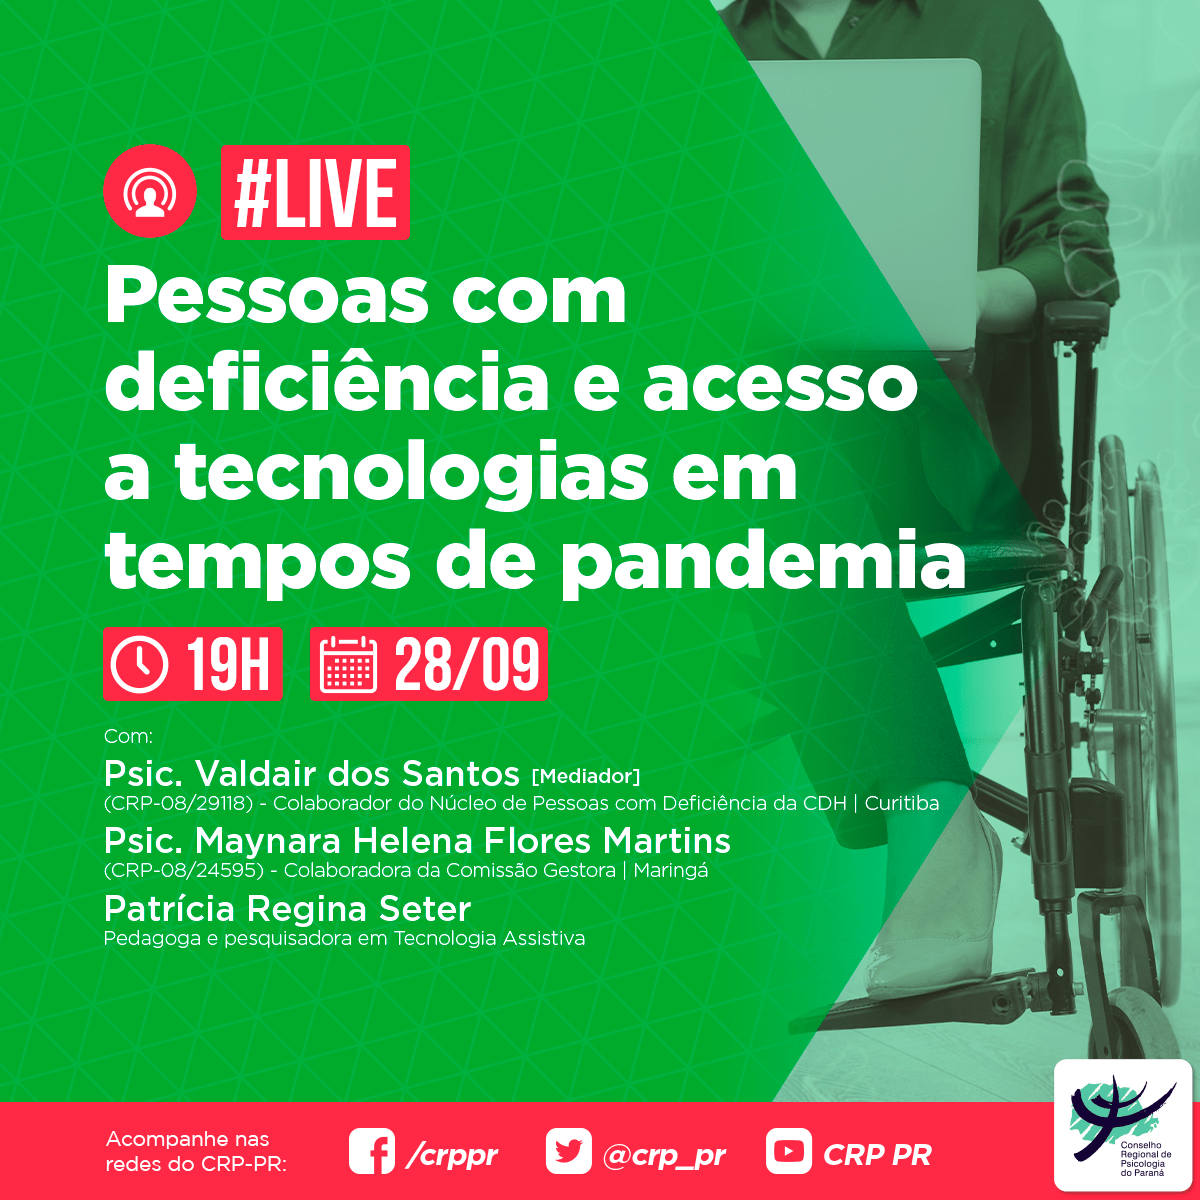 Live | Pessoas com deficiência e acesso a tecnologias em tempos de pandemia